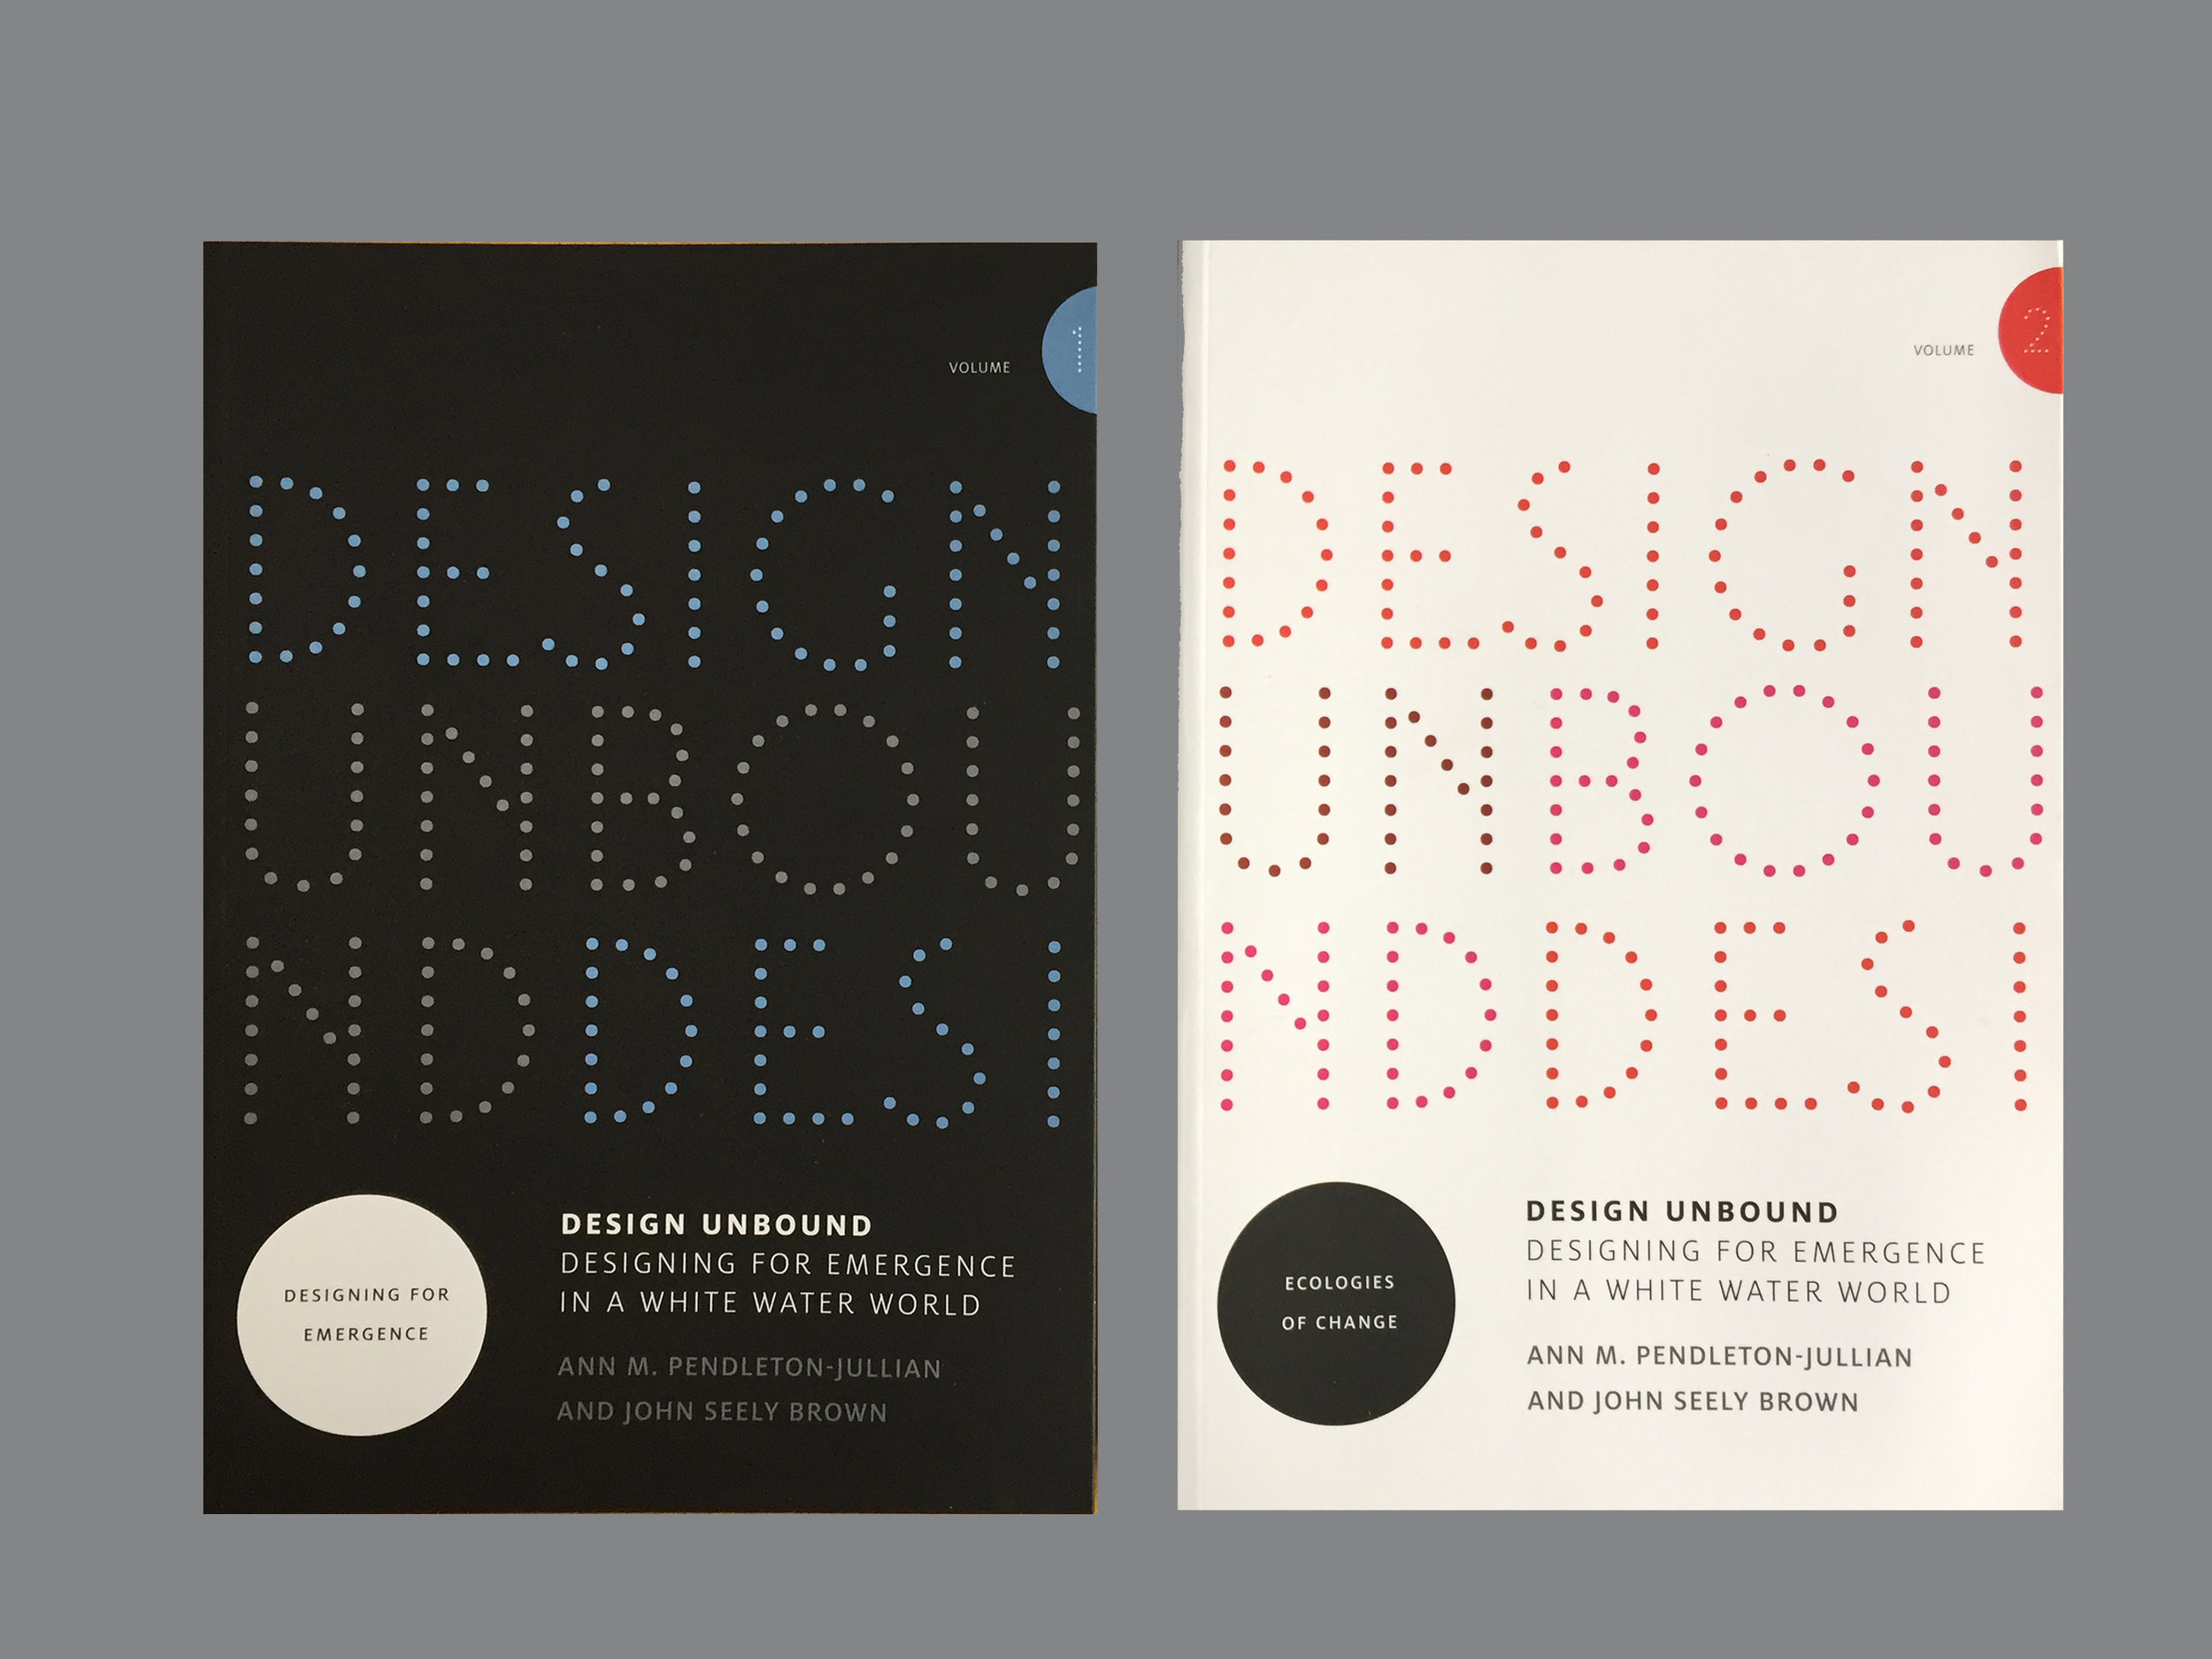 MIT Press / Design Unbound, Vol. 1 and 2